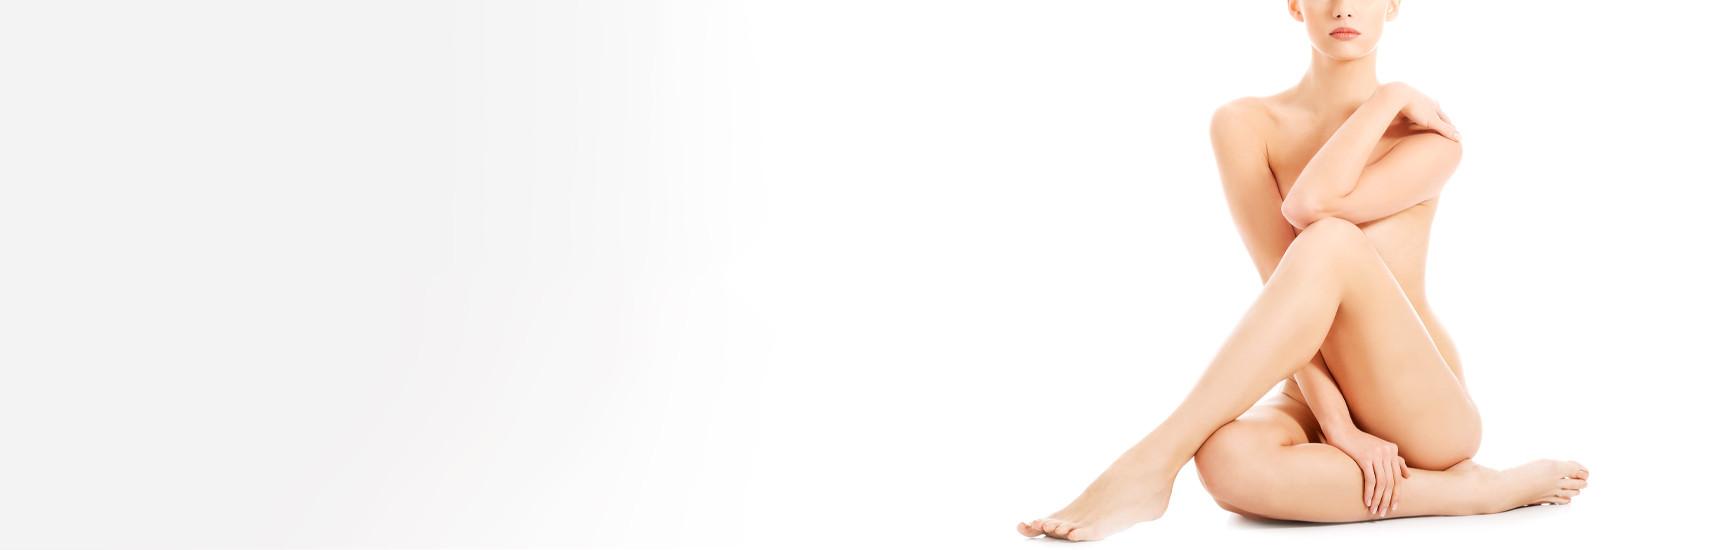 Reduktionsmittel und Anti-Cellulite-Mittel